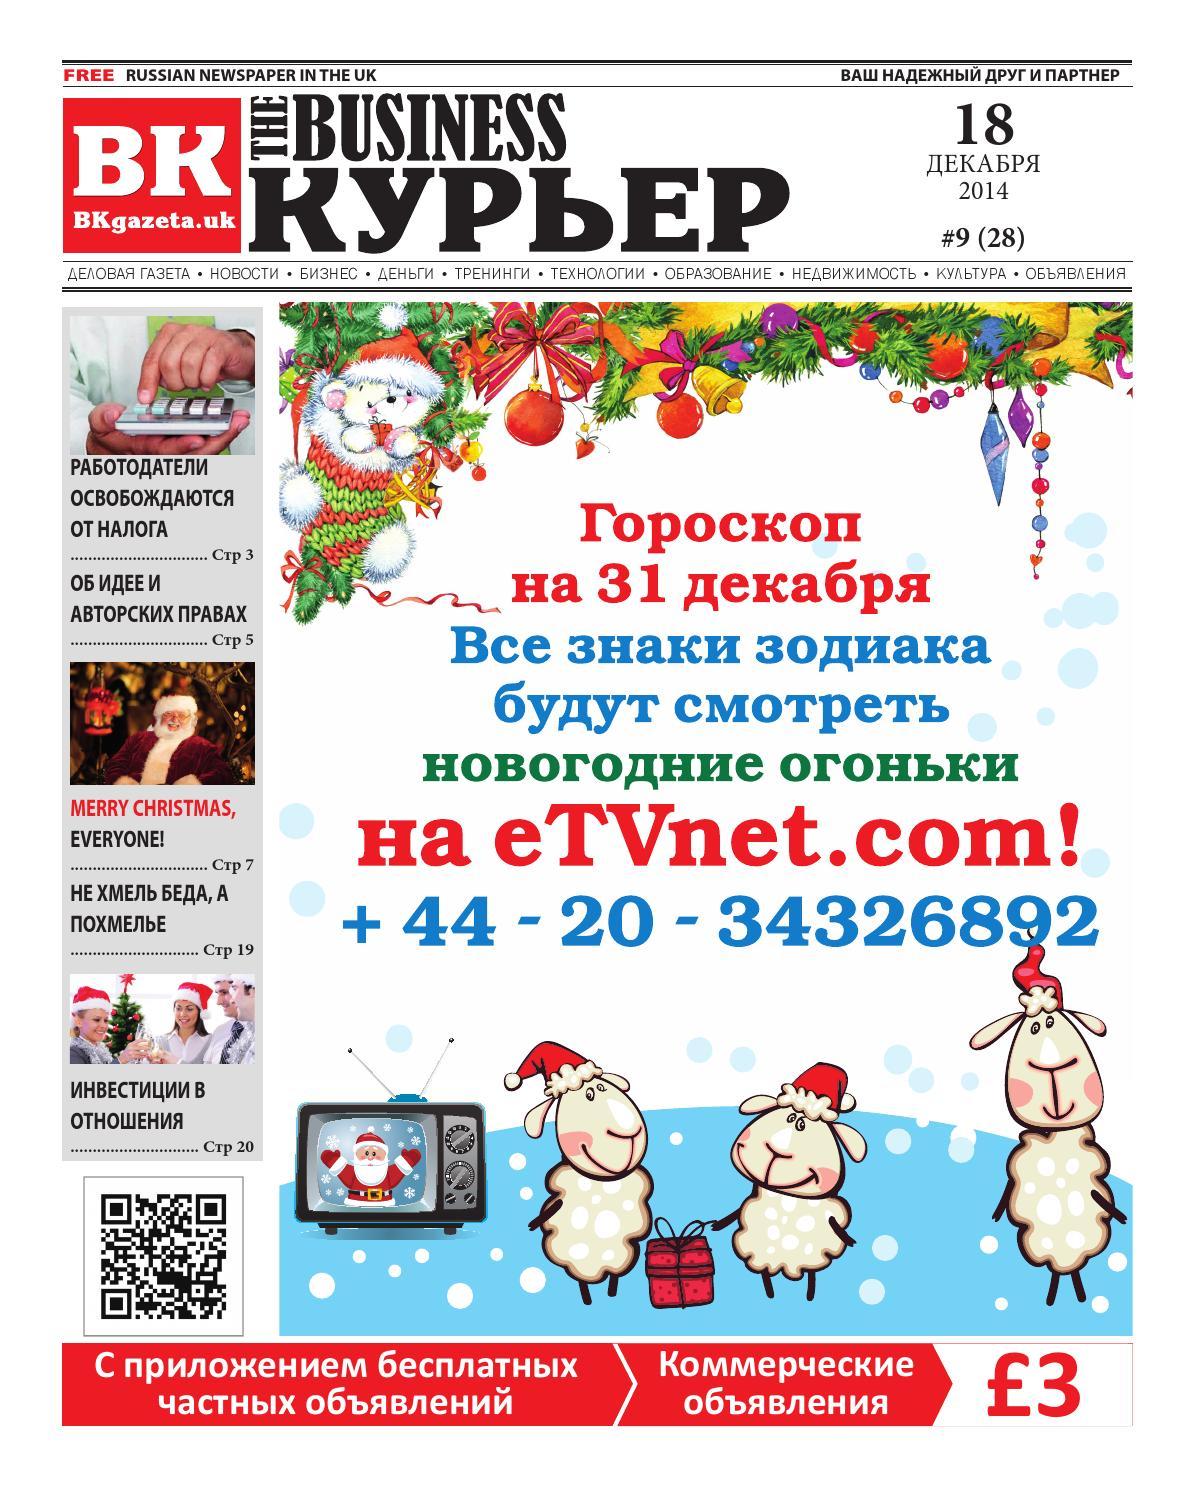 gey-obyavleniya-kirov